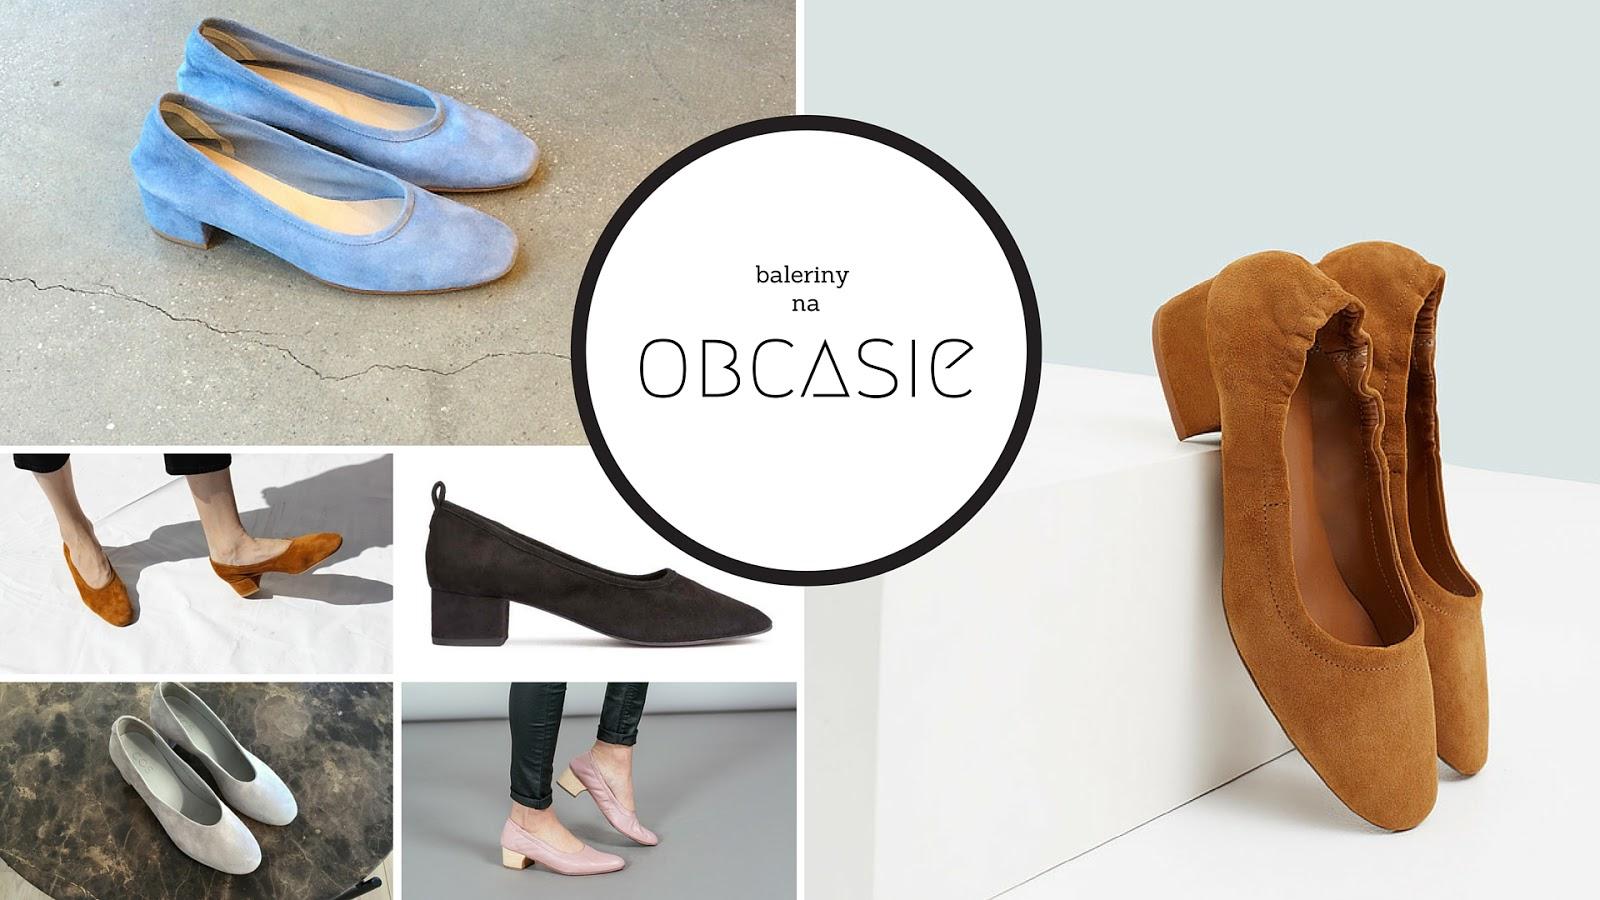 buty block heel | jak nosic buty w stylu babci | moda na baleriny | blogi o modzie | co bedzie modne wiosna | co warto kupic z nowej kolekcji